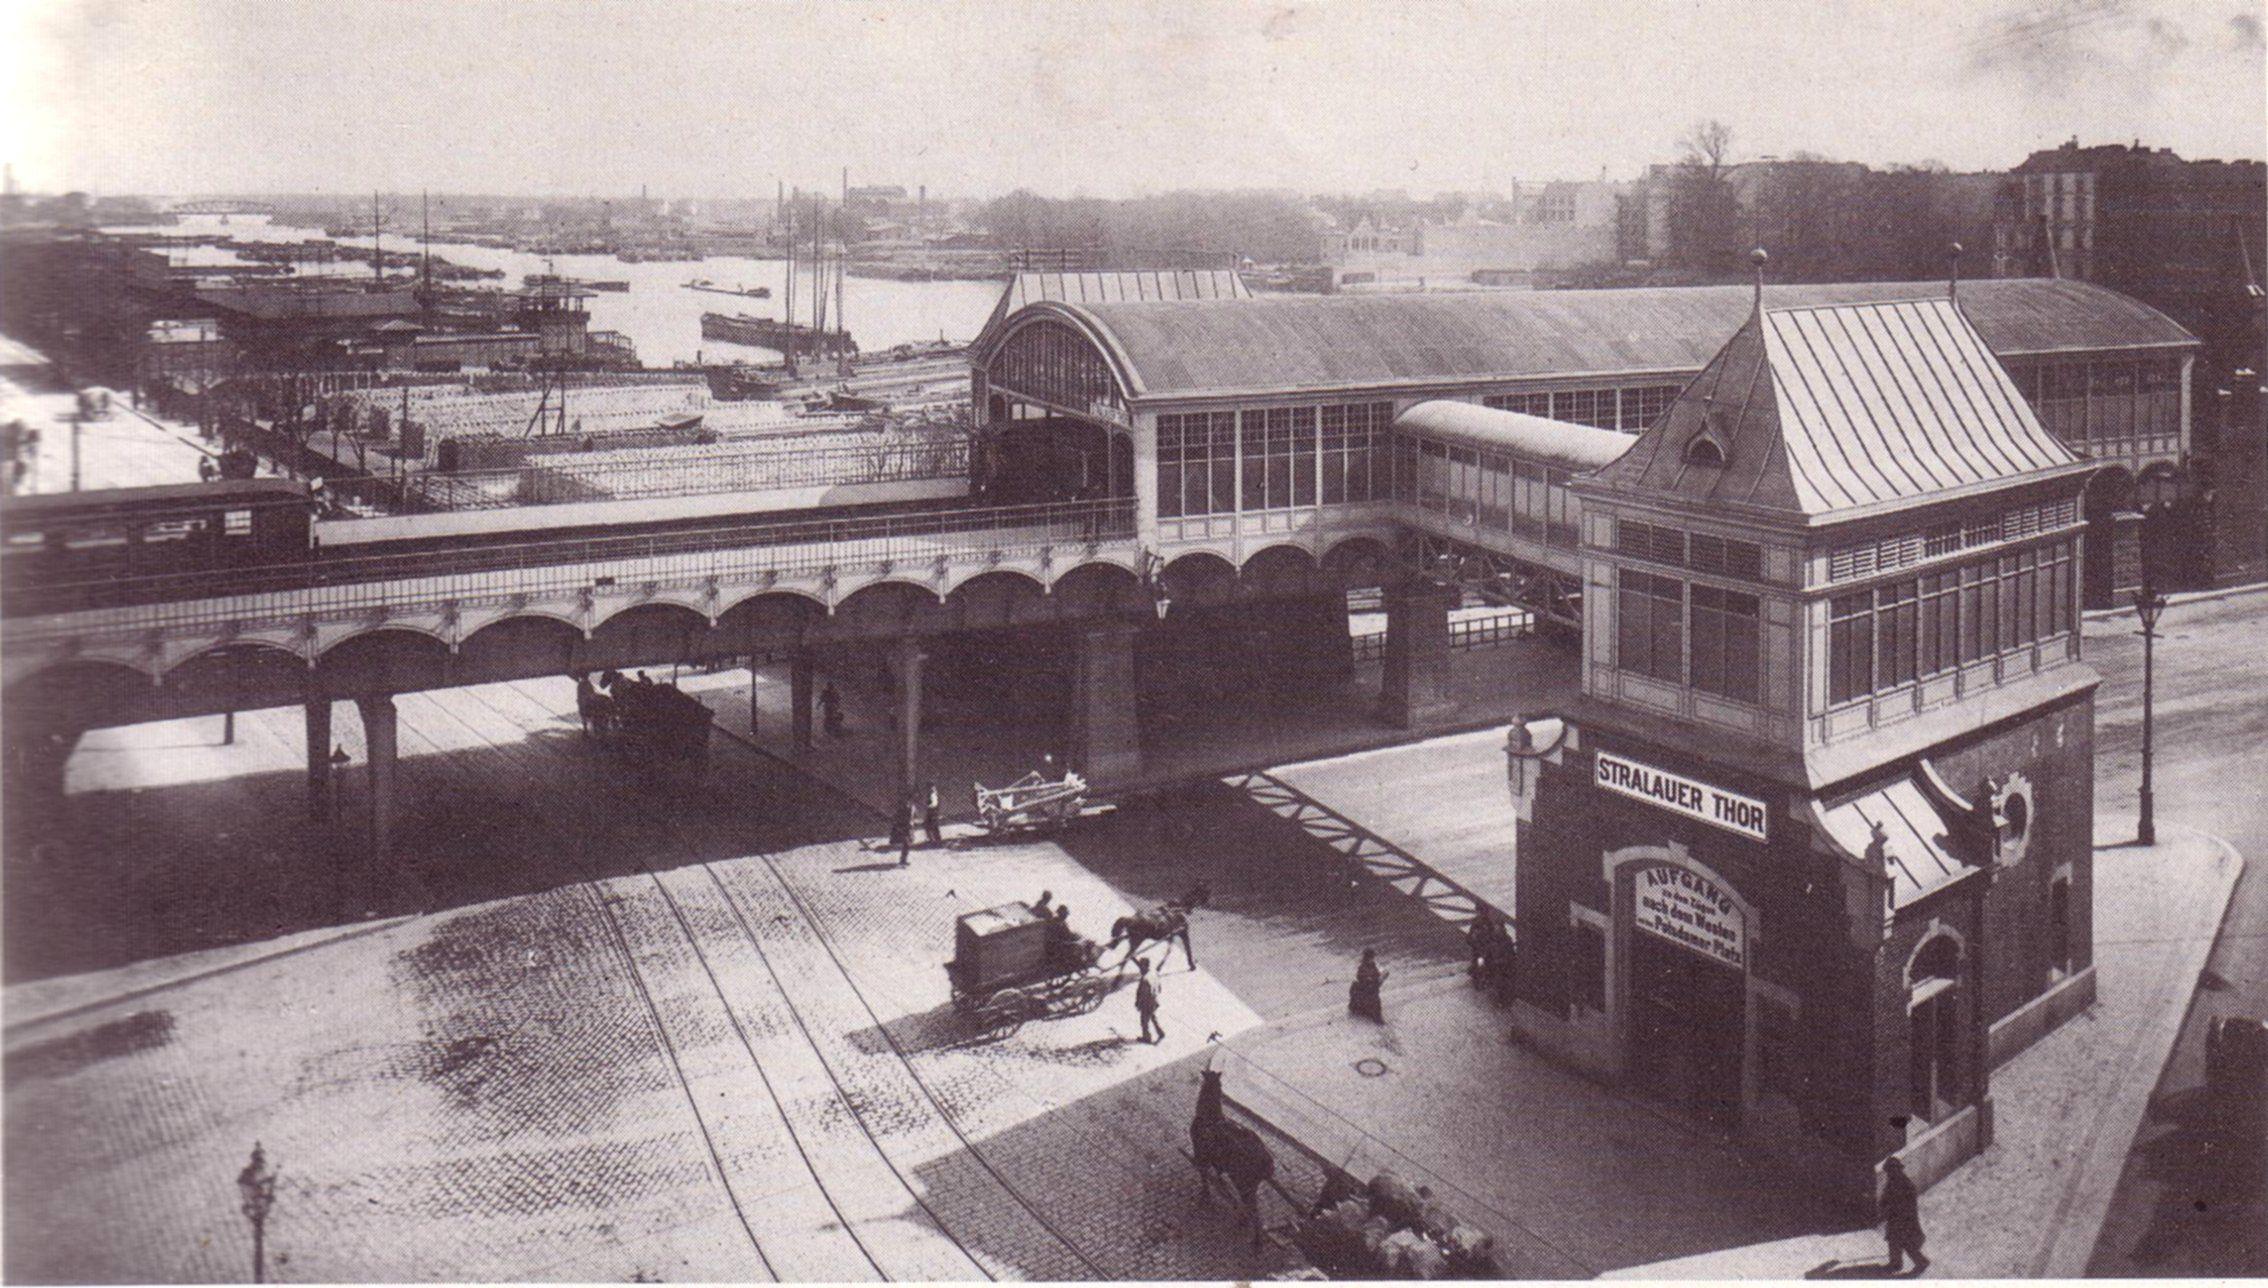 U-Bahn Berlin Stralauer Tor Osthafen, 1902